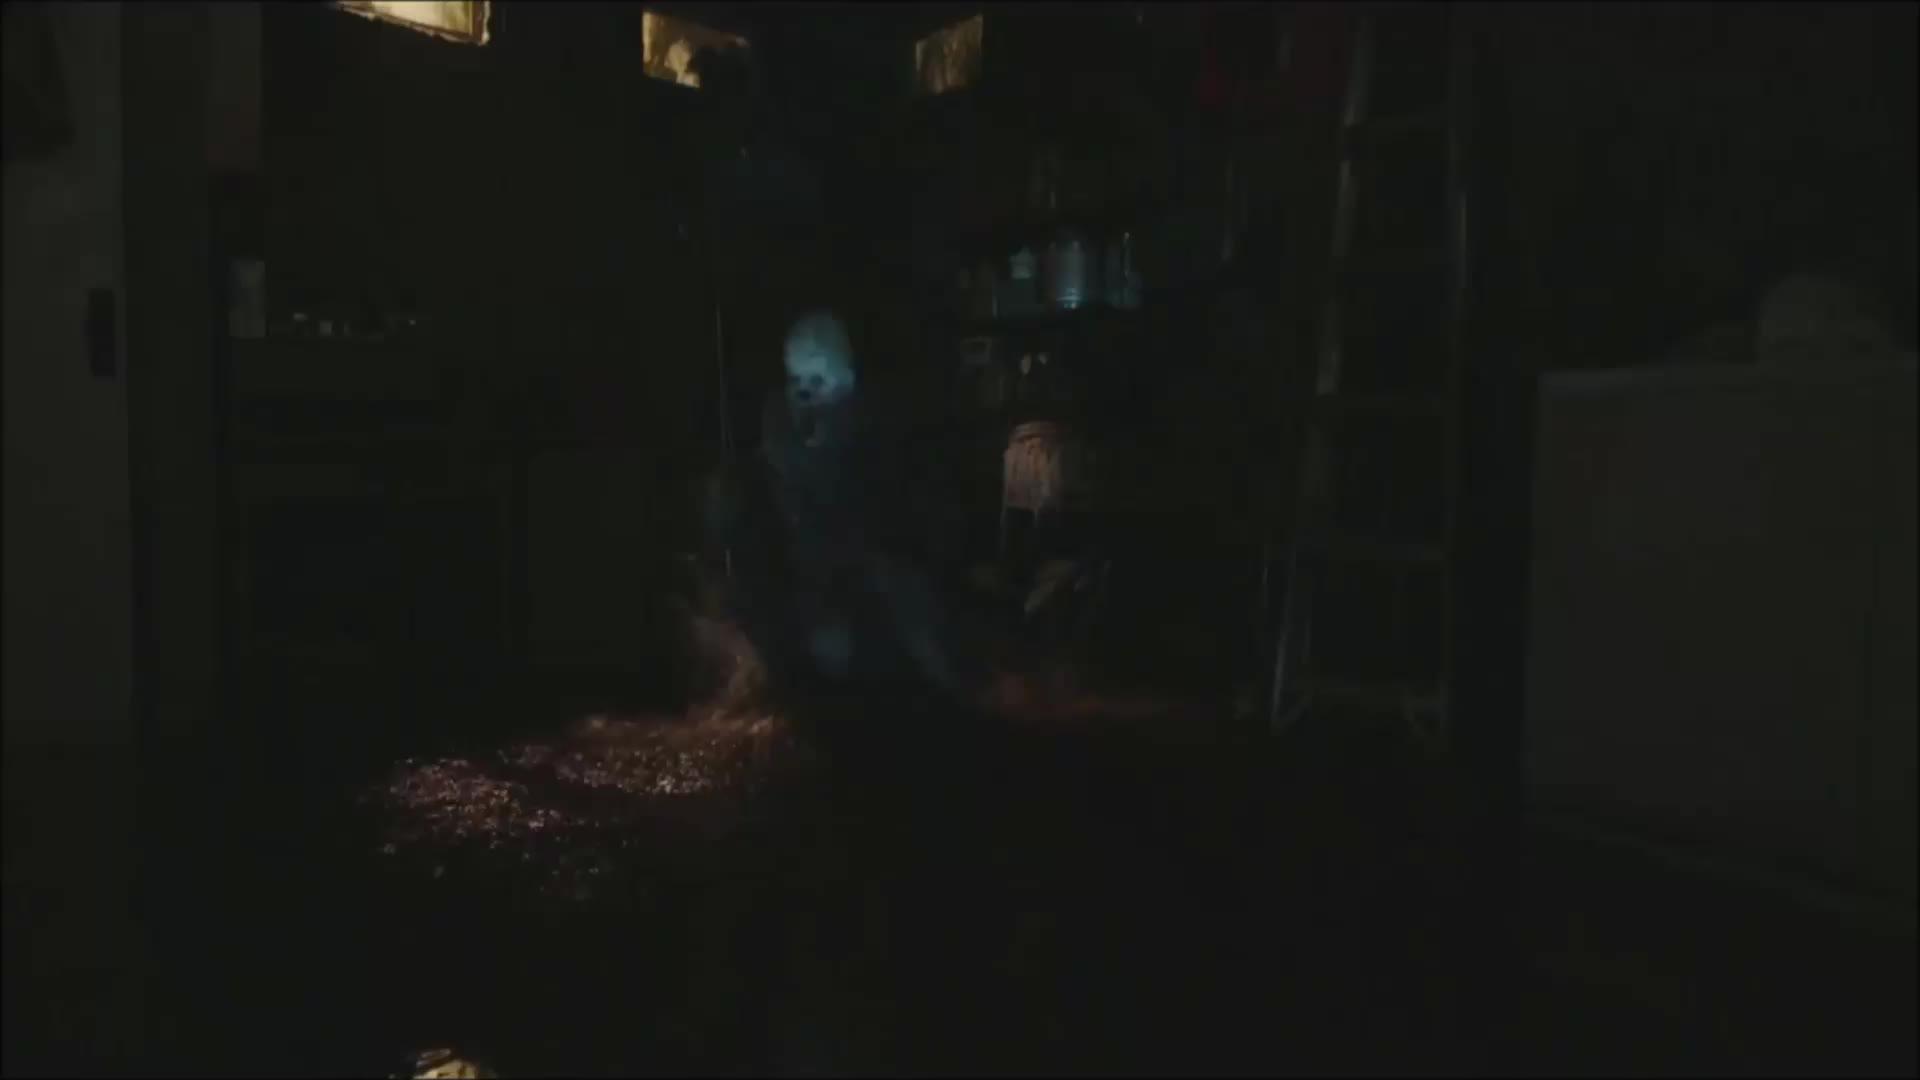 clown, creepy, horror, it, it movie, scary, warner bros., warnerbros, wb, Clown rush. GIFs